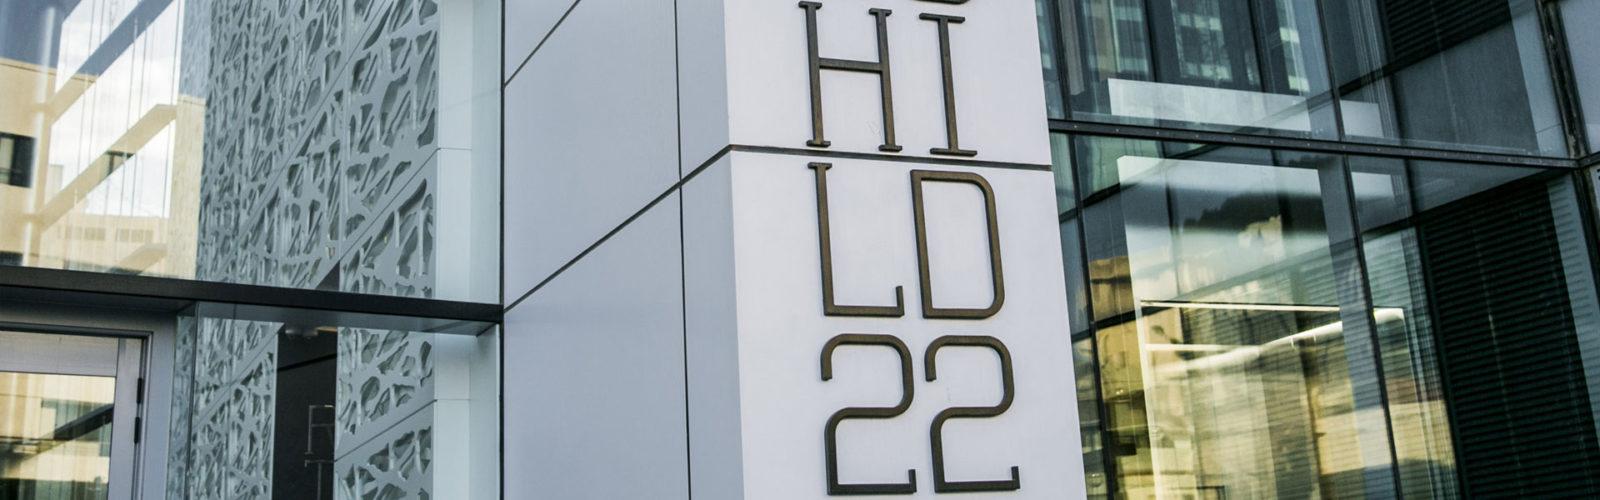 Séjour à l'hôtel-boutique Rothschild 22 à Tel Aviv